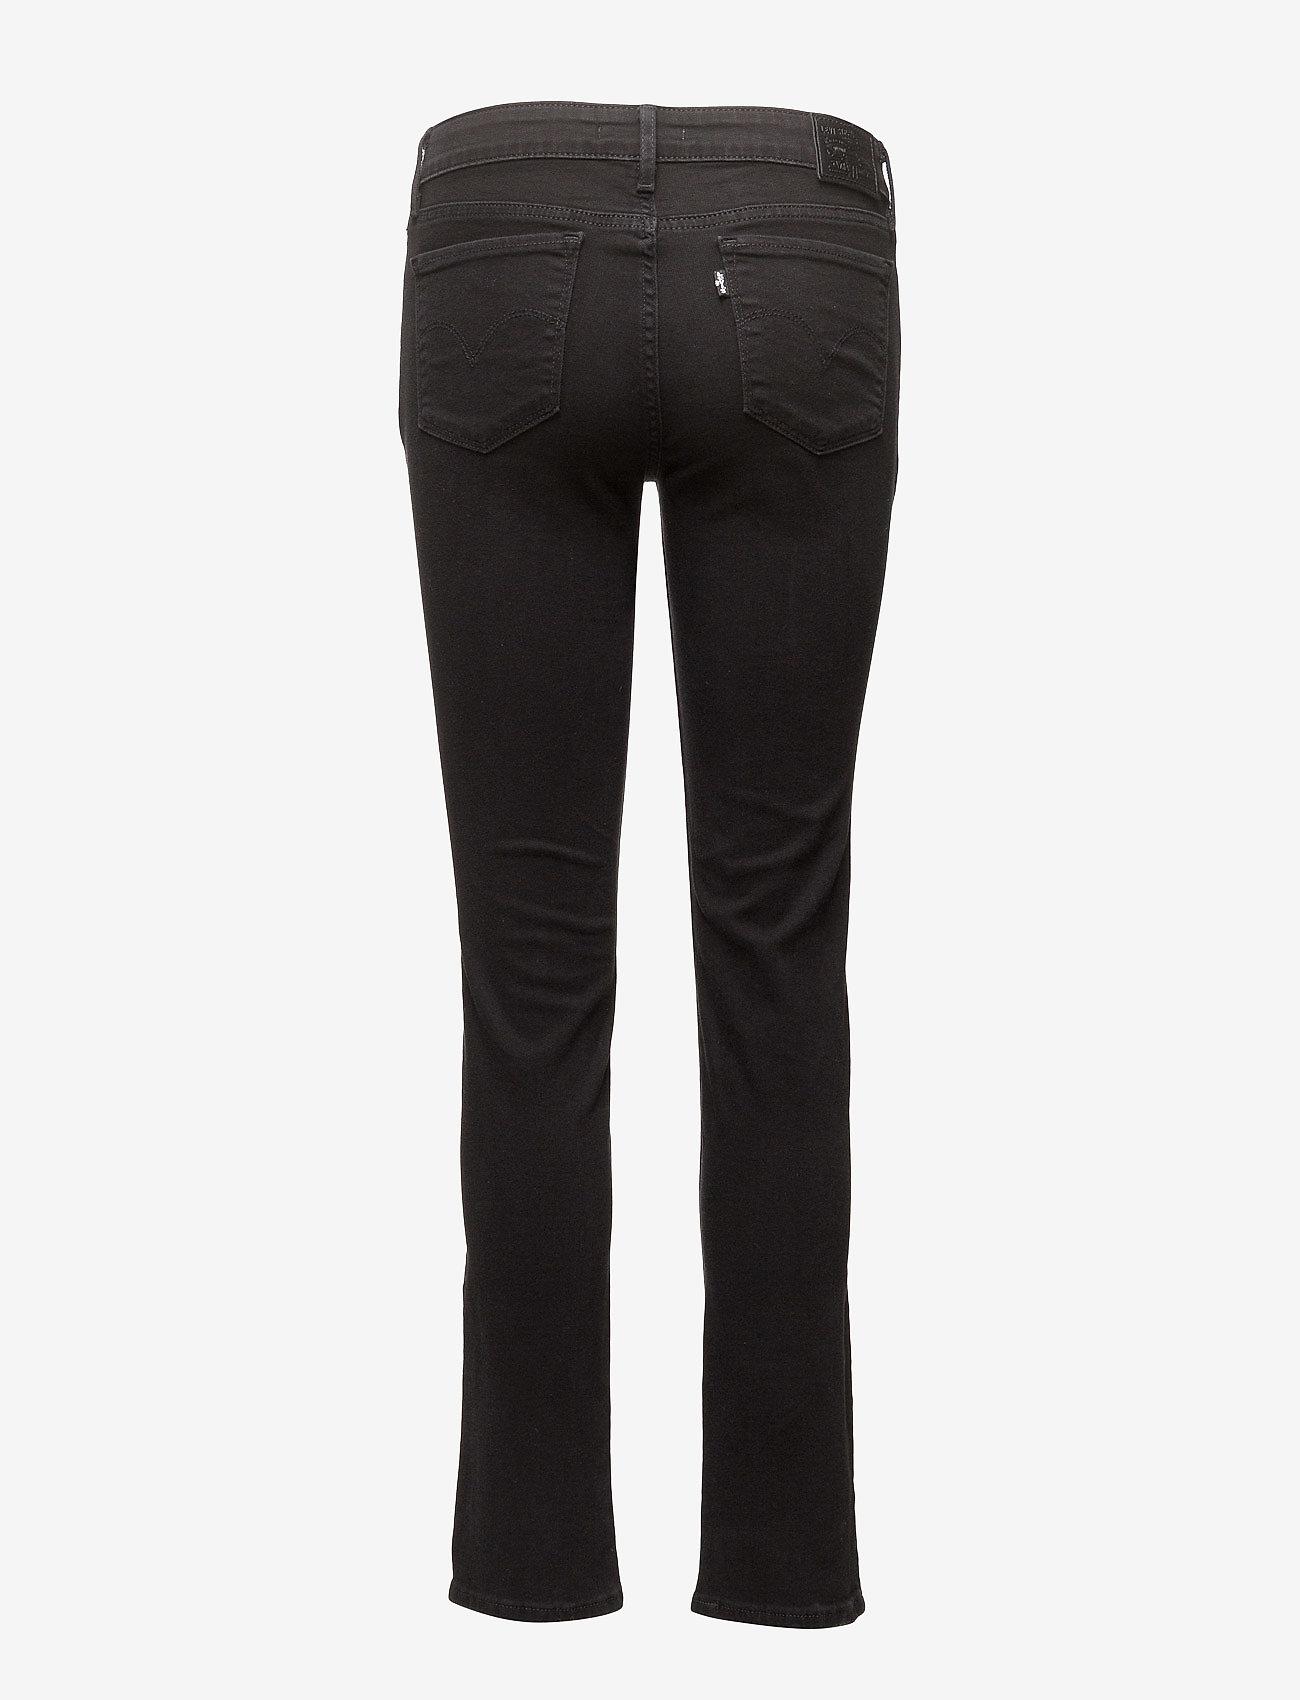 LEVI´S Women - 712 SLIM NIGHT IS BLACK - džinsa bikses ar tievām starām - blacks - 1